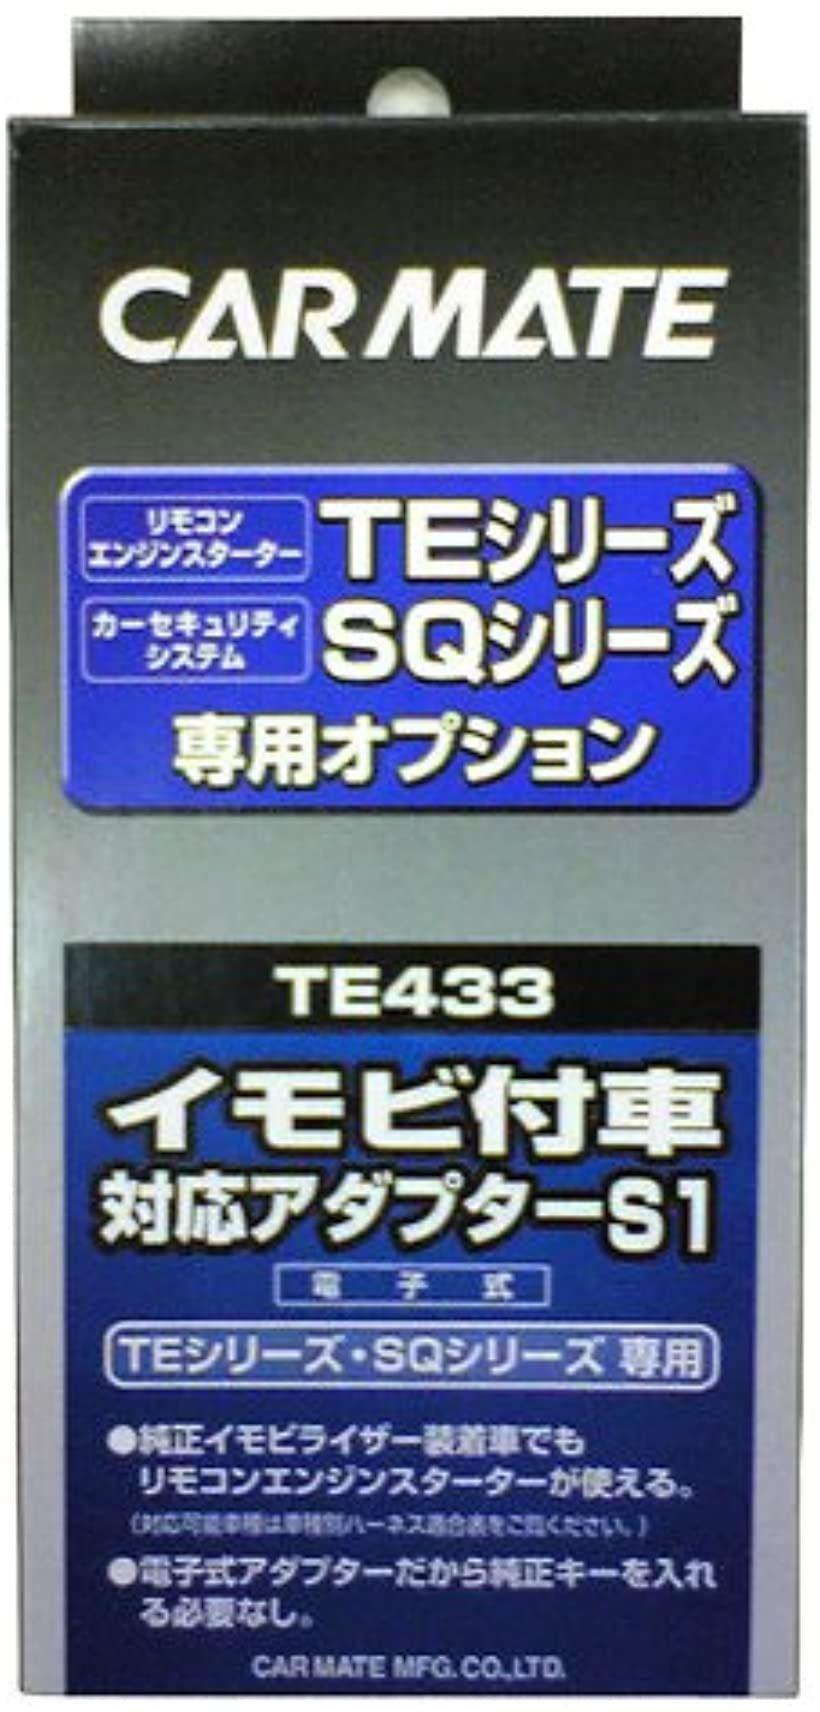 エンジンスターター用オプション アダプター S1 イモビ付車対応[TE433]